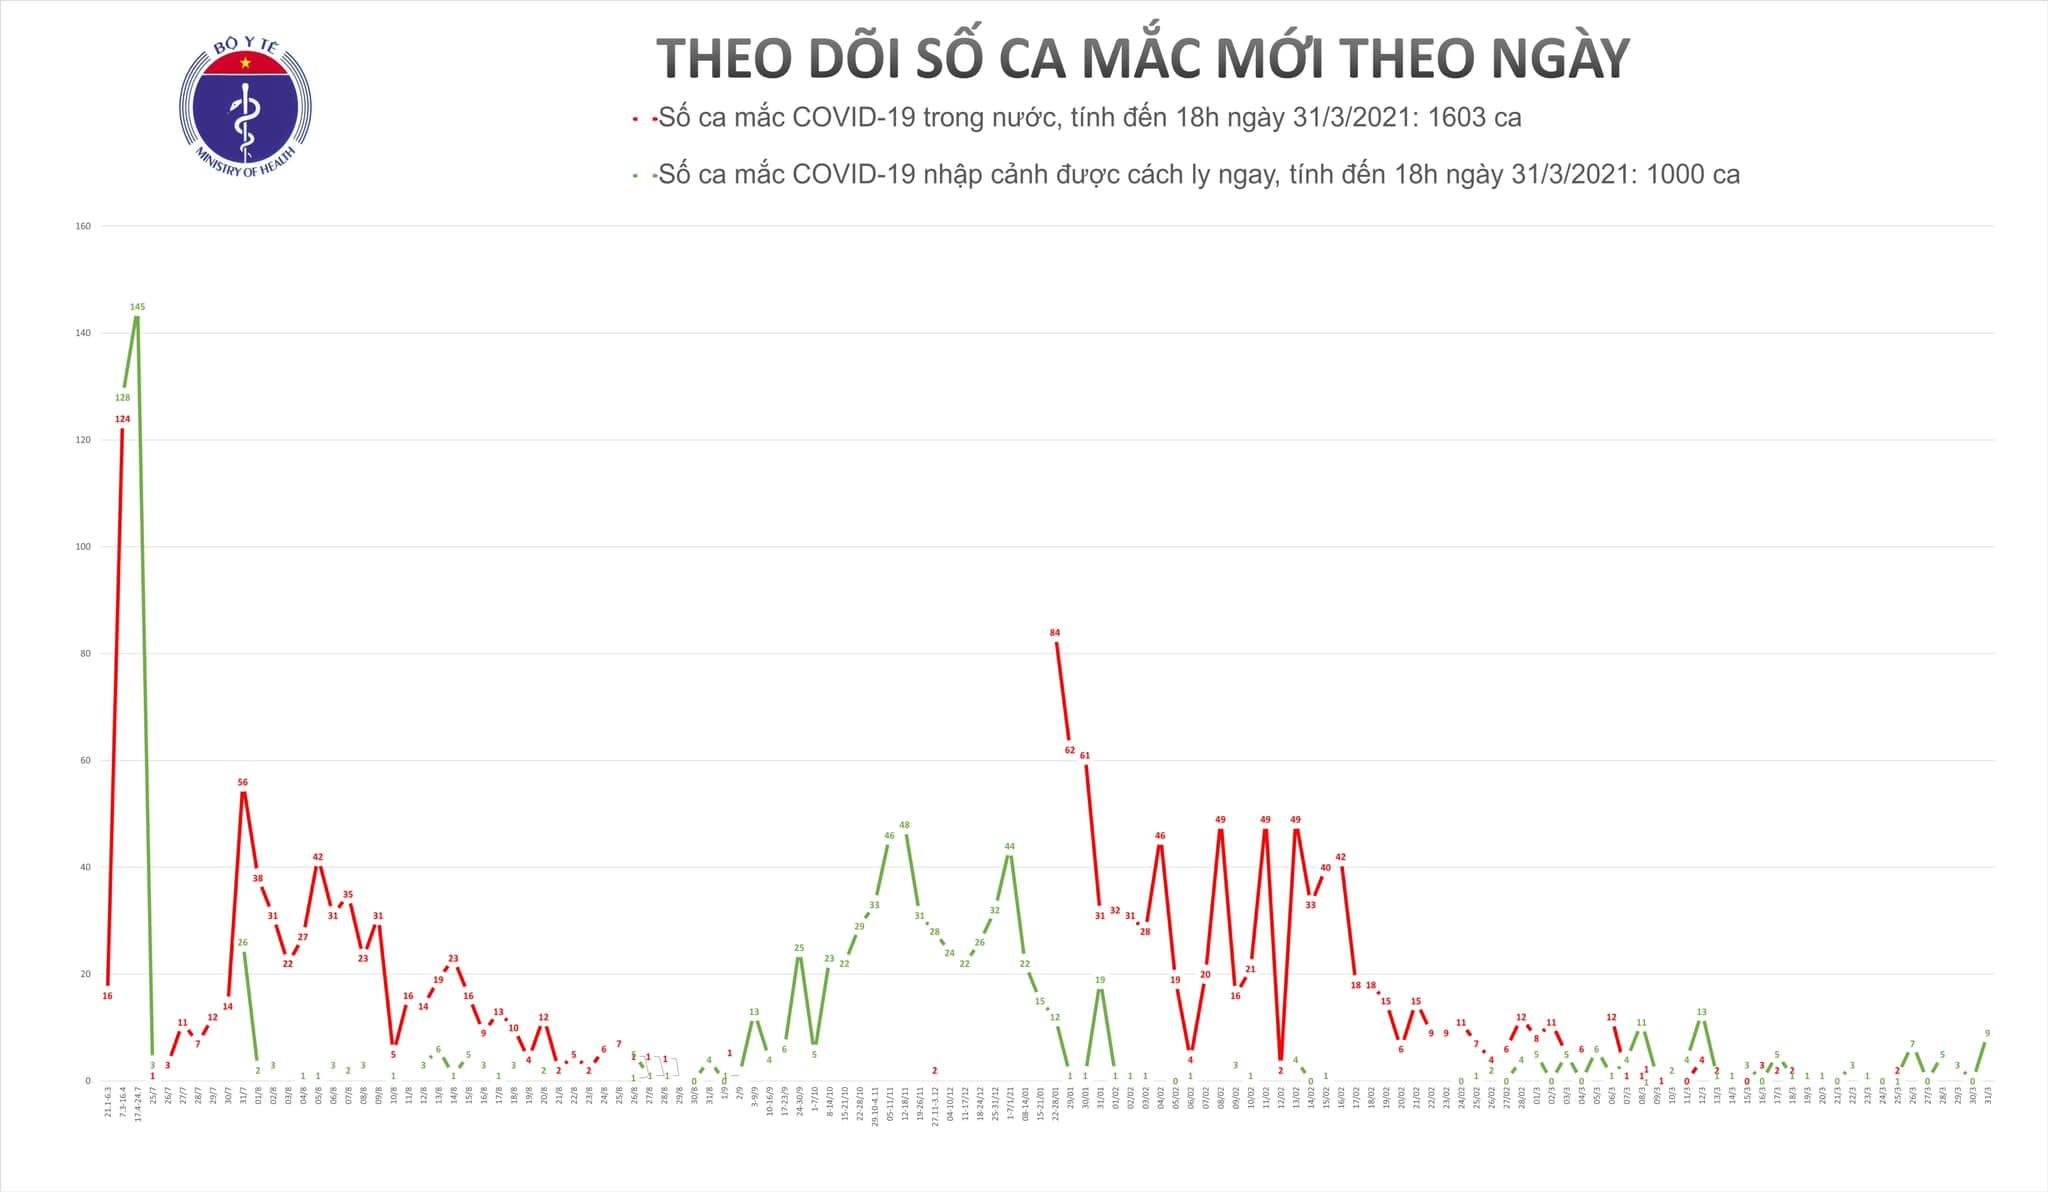 Chiều 31/3, có 9 ca mắc COVID-19 tại Tây Ninh, Cà Mau và Đà Nẵng - Ảnh 1.